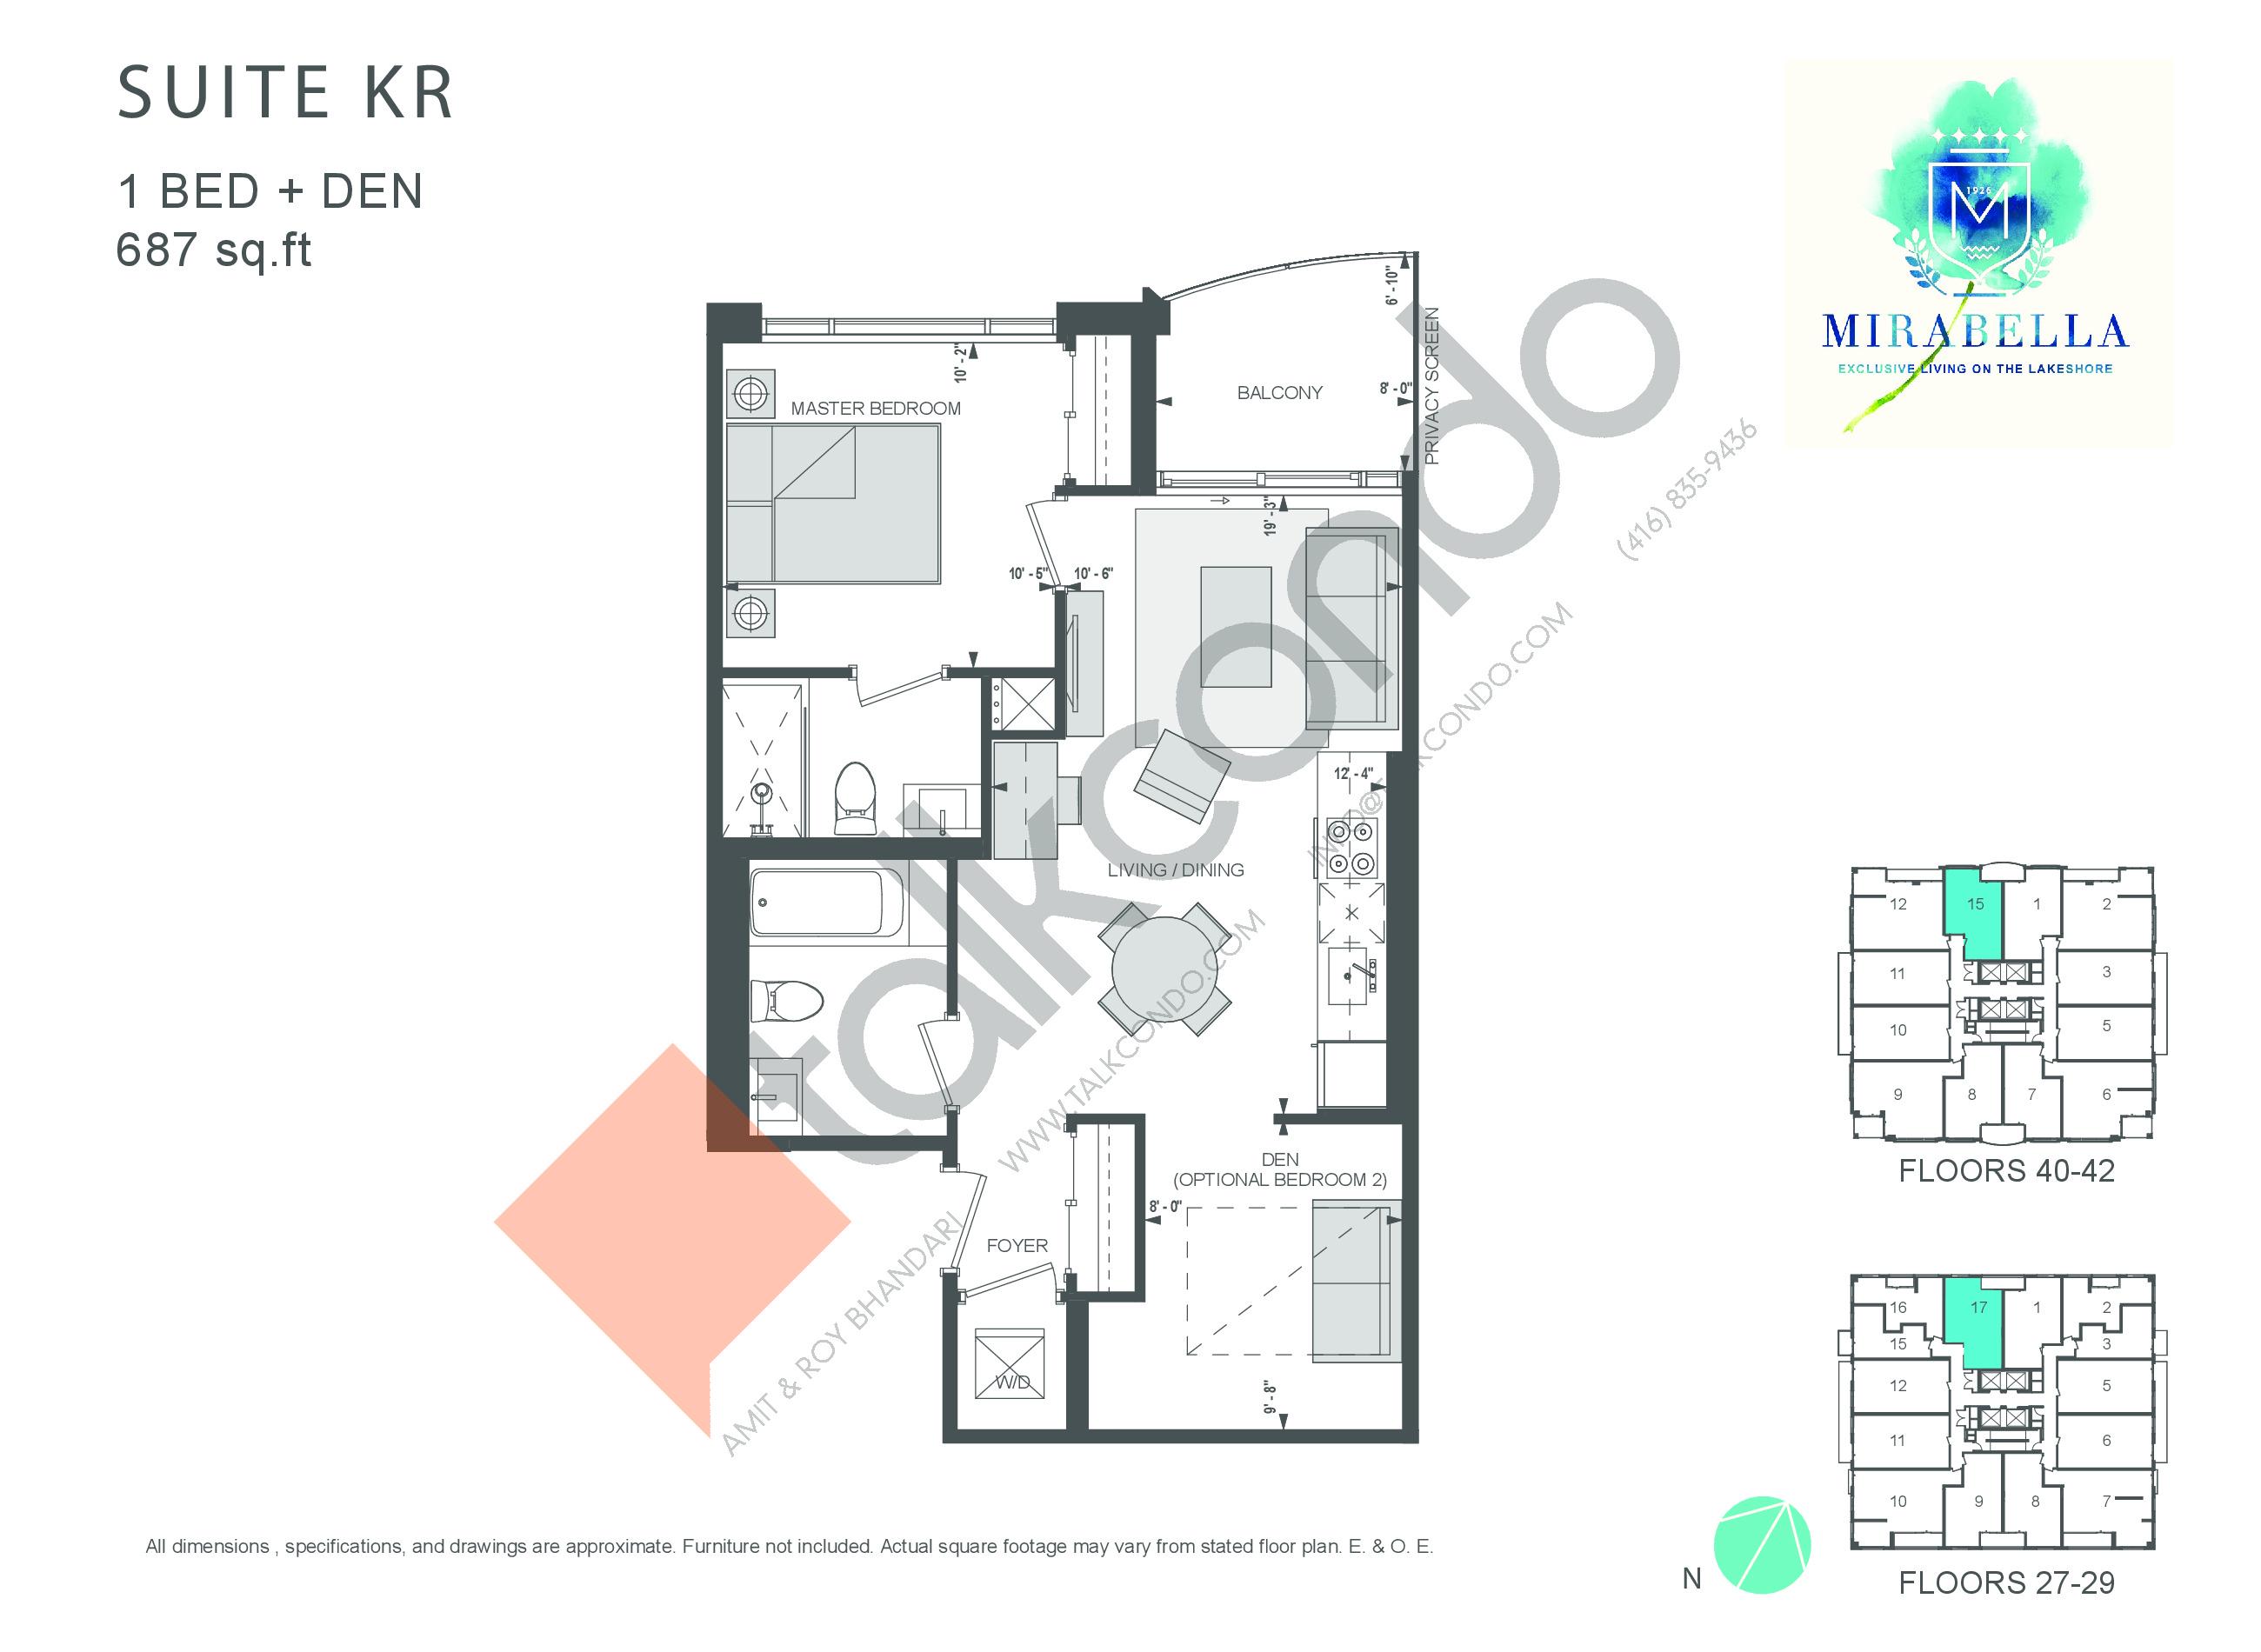 Suite KR Floor Plan at Mirabella Luxury Condos East Tower - 687 sq.ft